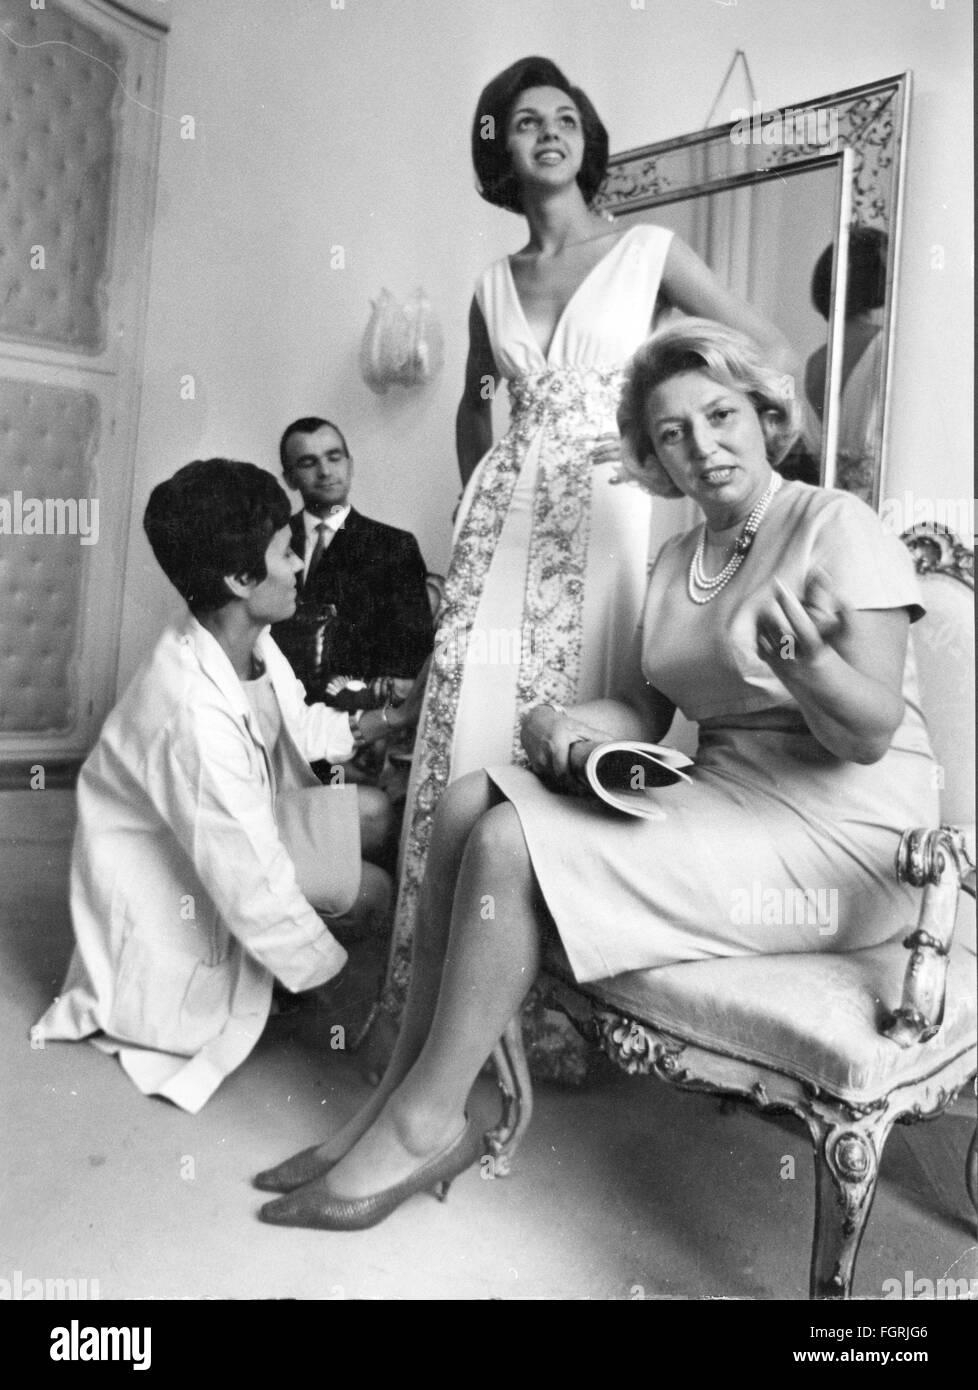 Mode 60er Jahre Abend Mode Junge Frau Die Versucht Auf Einem